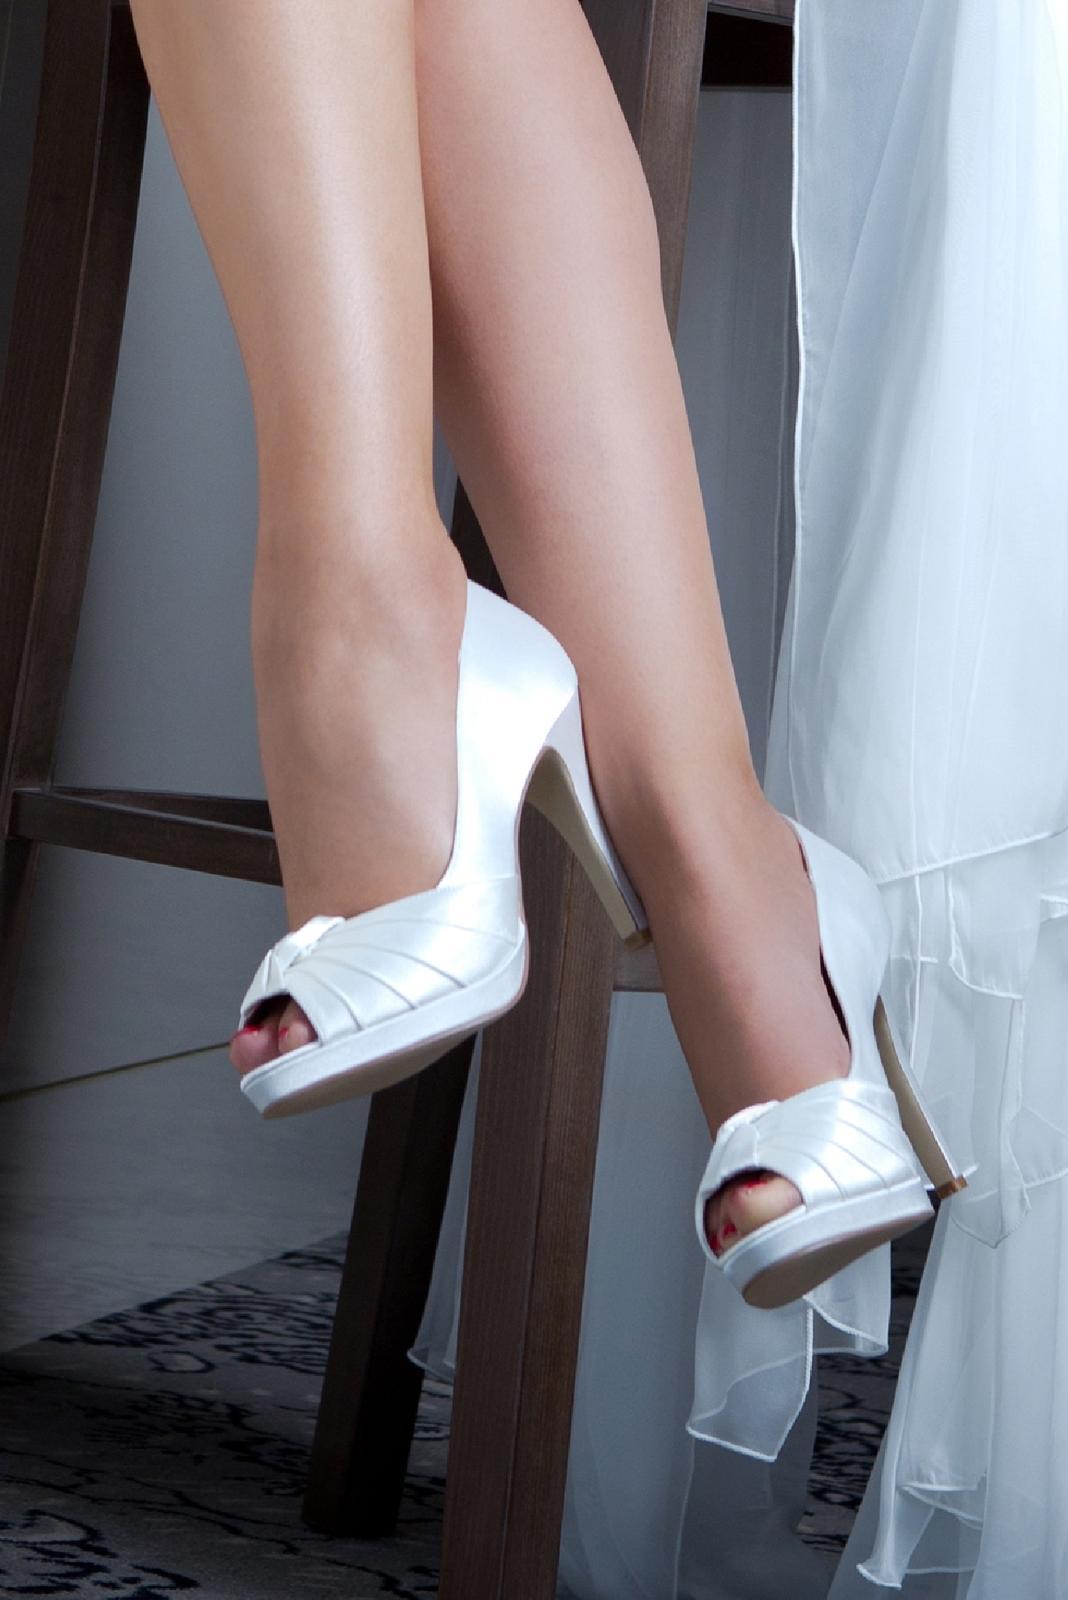 Svadobné topánky Gina, G. Westerleigh - Obrázok č. 3